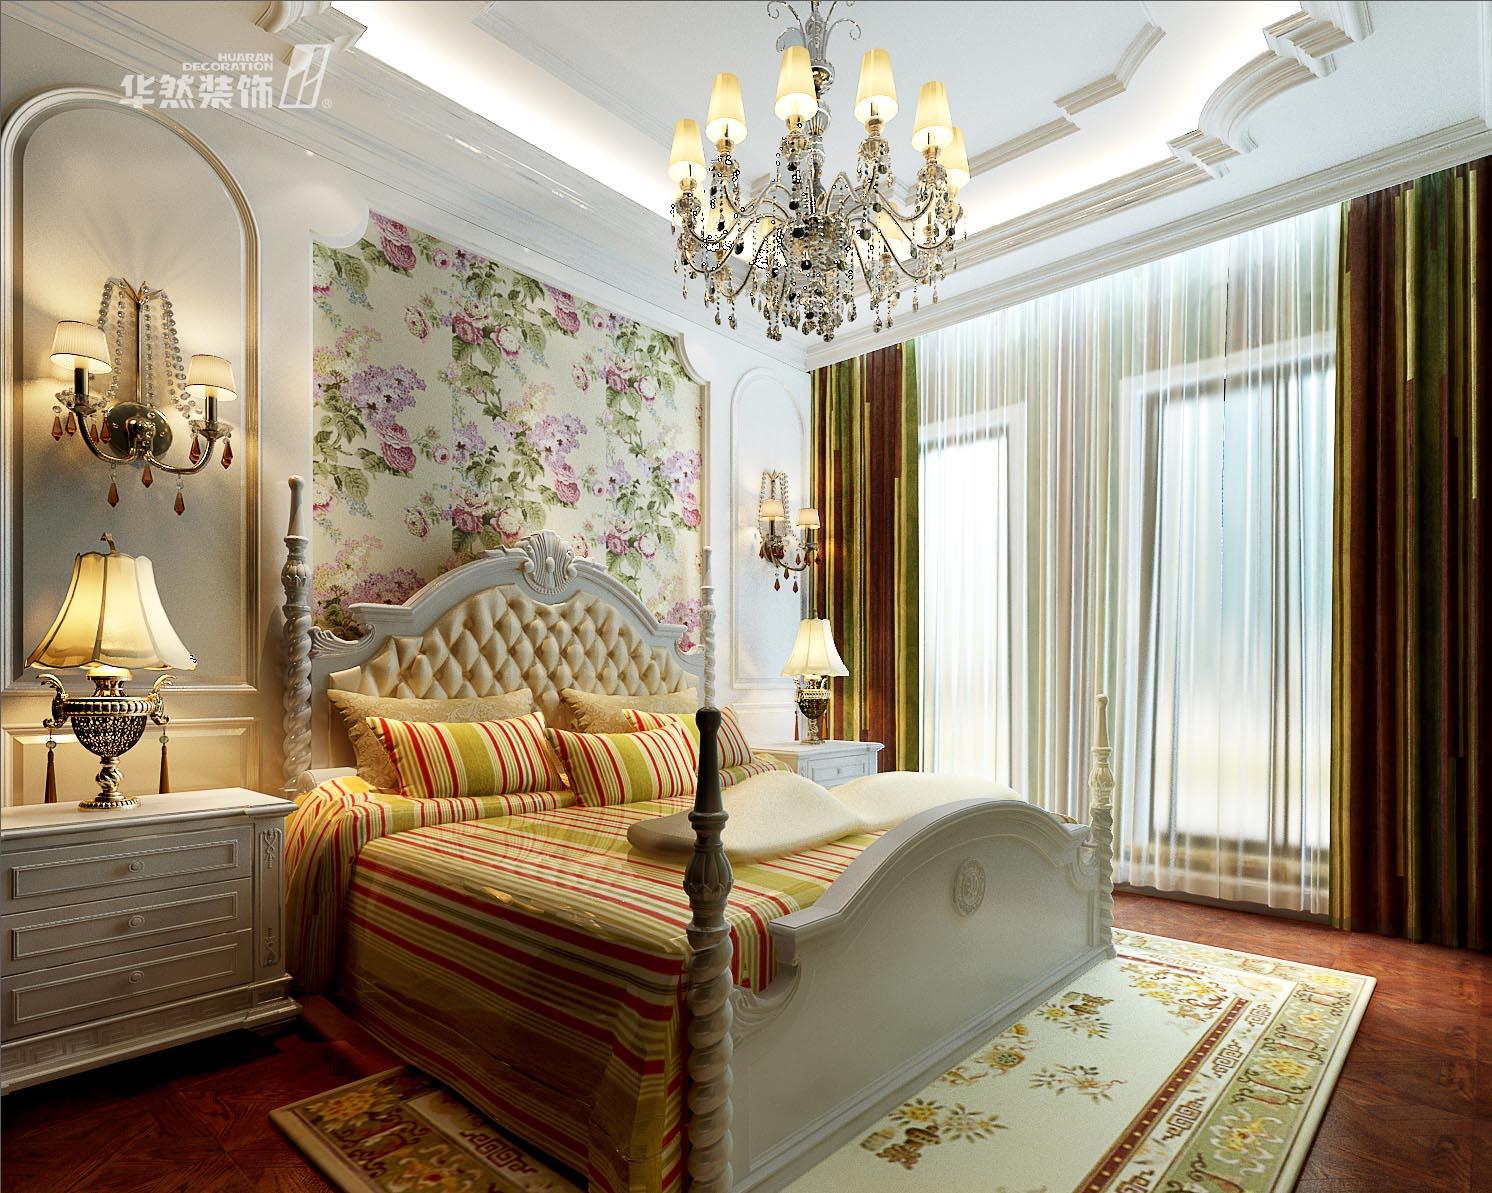 别墅欧式风格_玫瑰园别墅卧室装修效果图-x团装修网